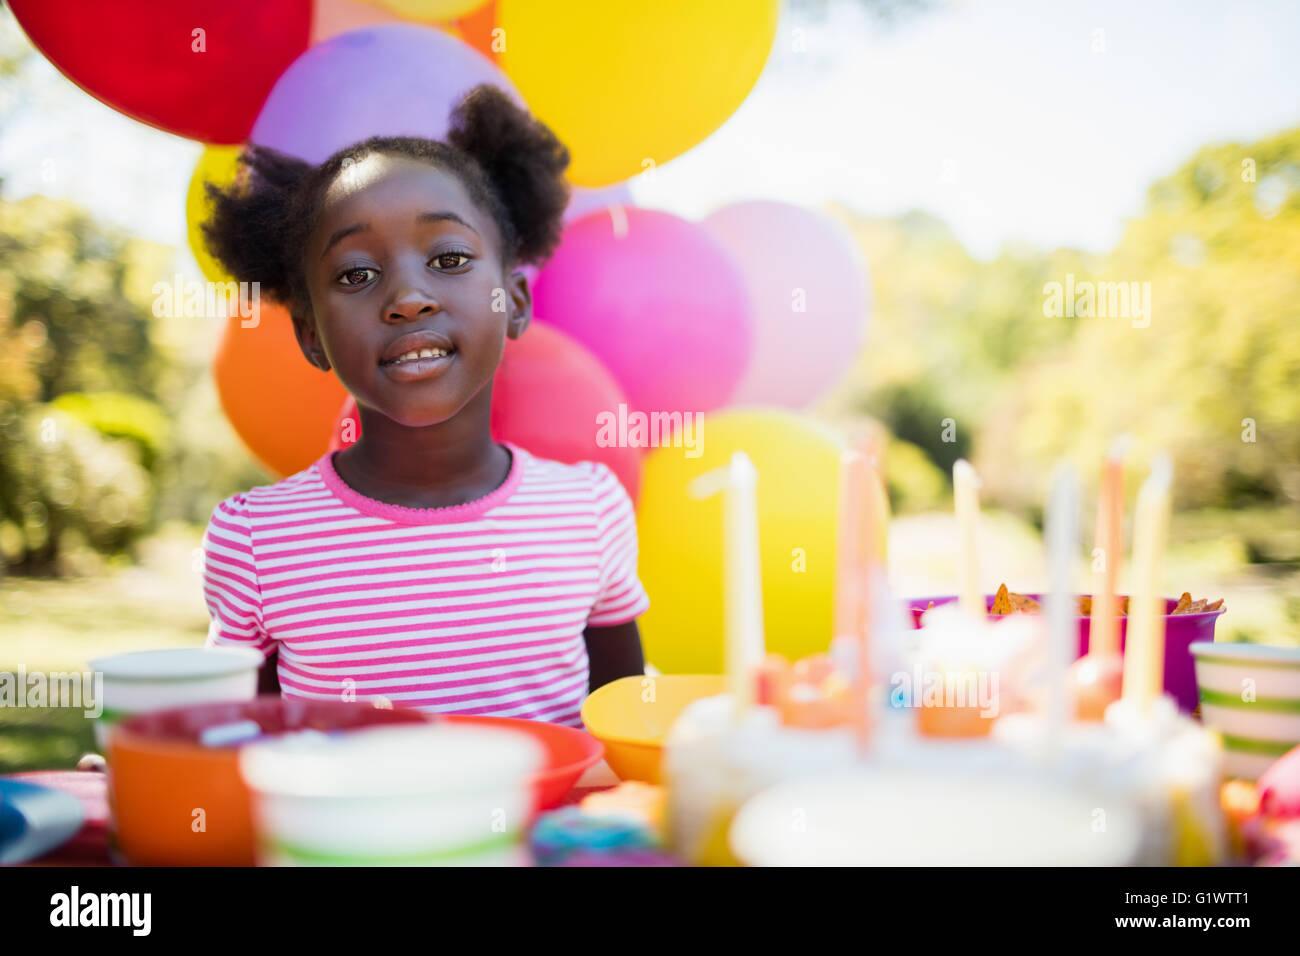 Retrato de linda chica posando durante una fiesta de cumpleaños Imagen De Stock